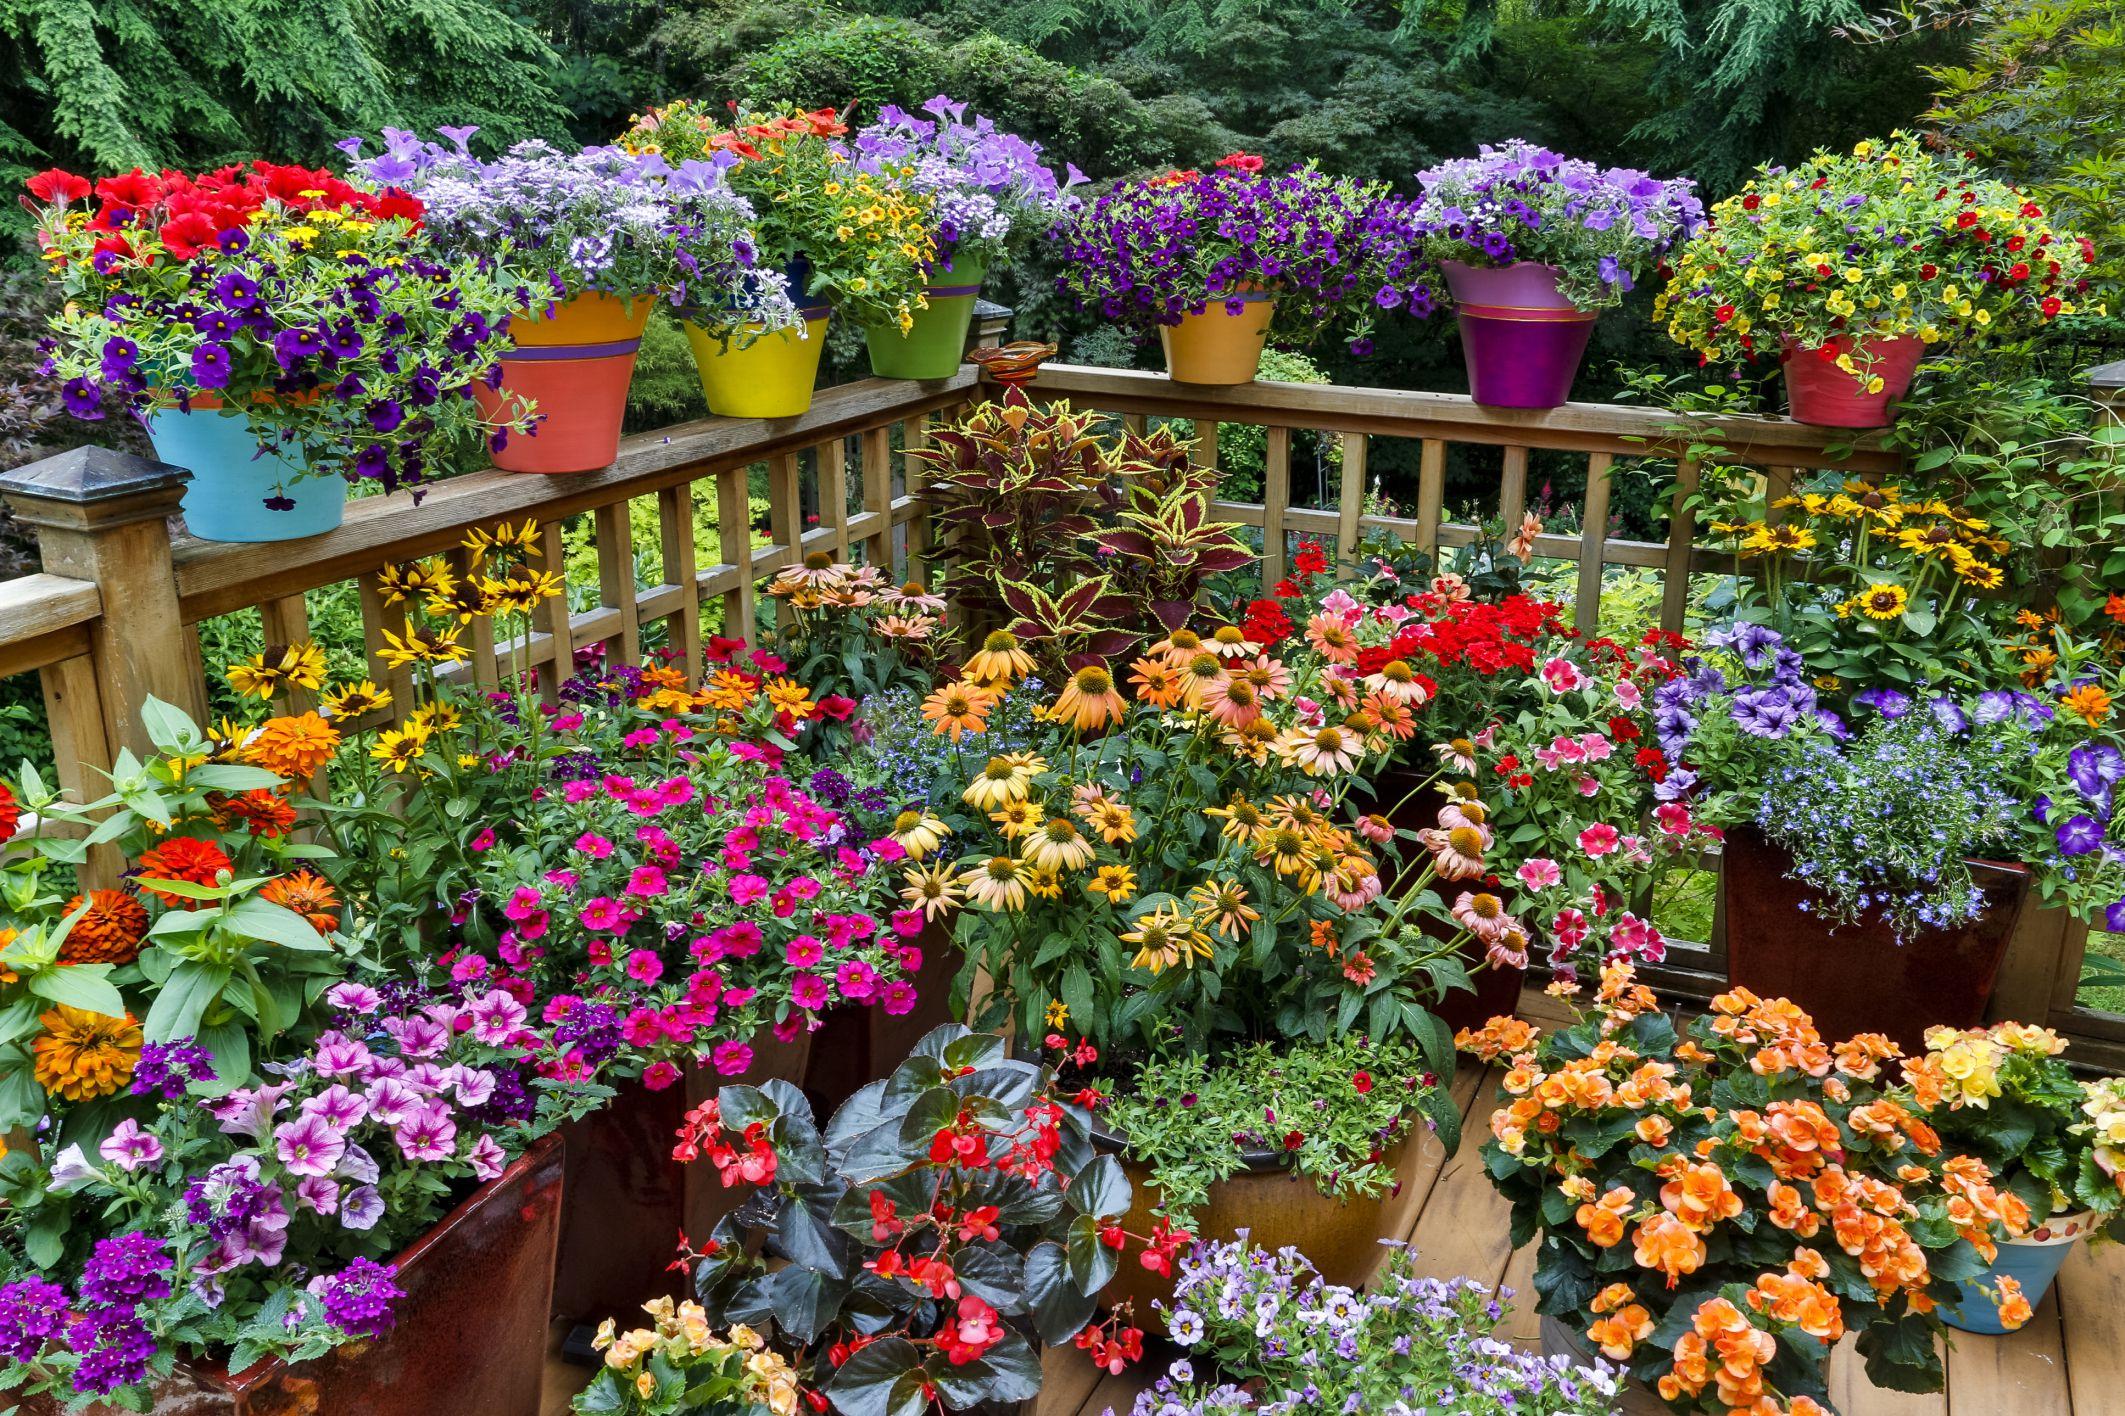 12 ideas for flowering container gardens - Casa campo y jardin ...